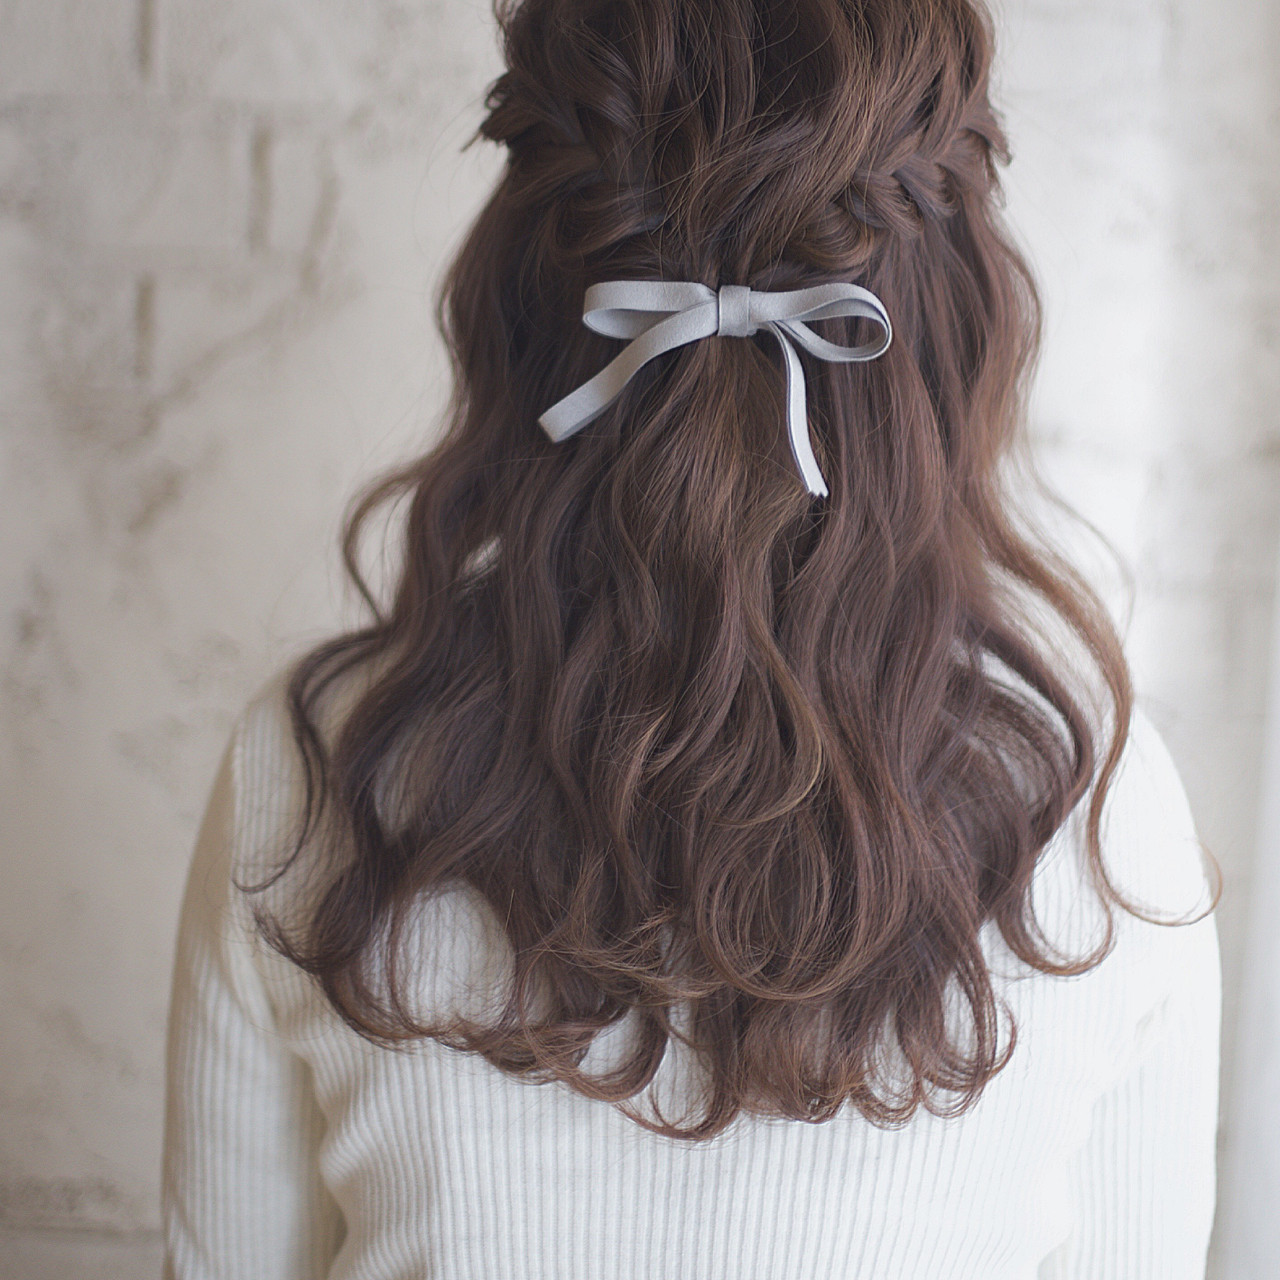 ヘアアレンジ 簡単ヘアアレンジ セミロング アッシュ ヘアスタイルや髪型の写真・画像